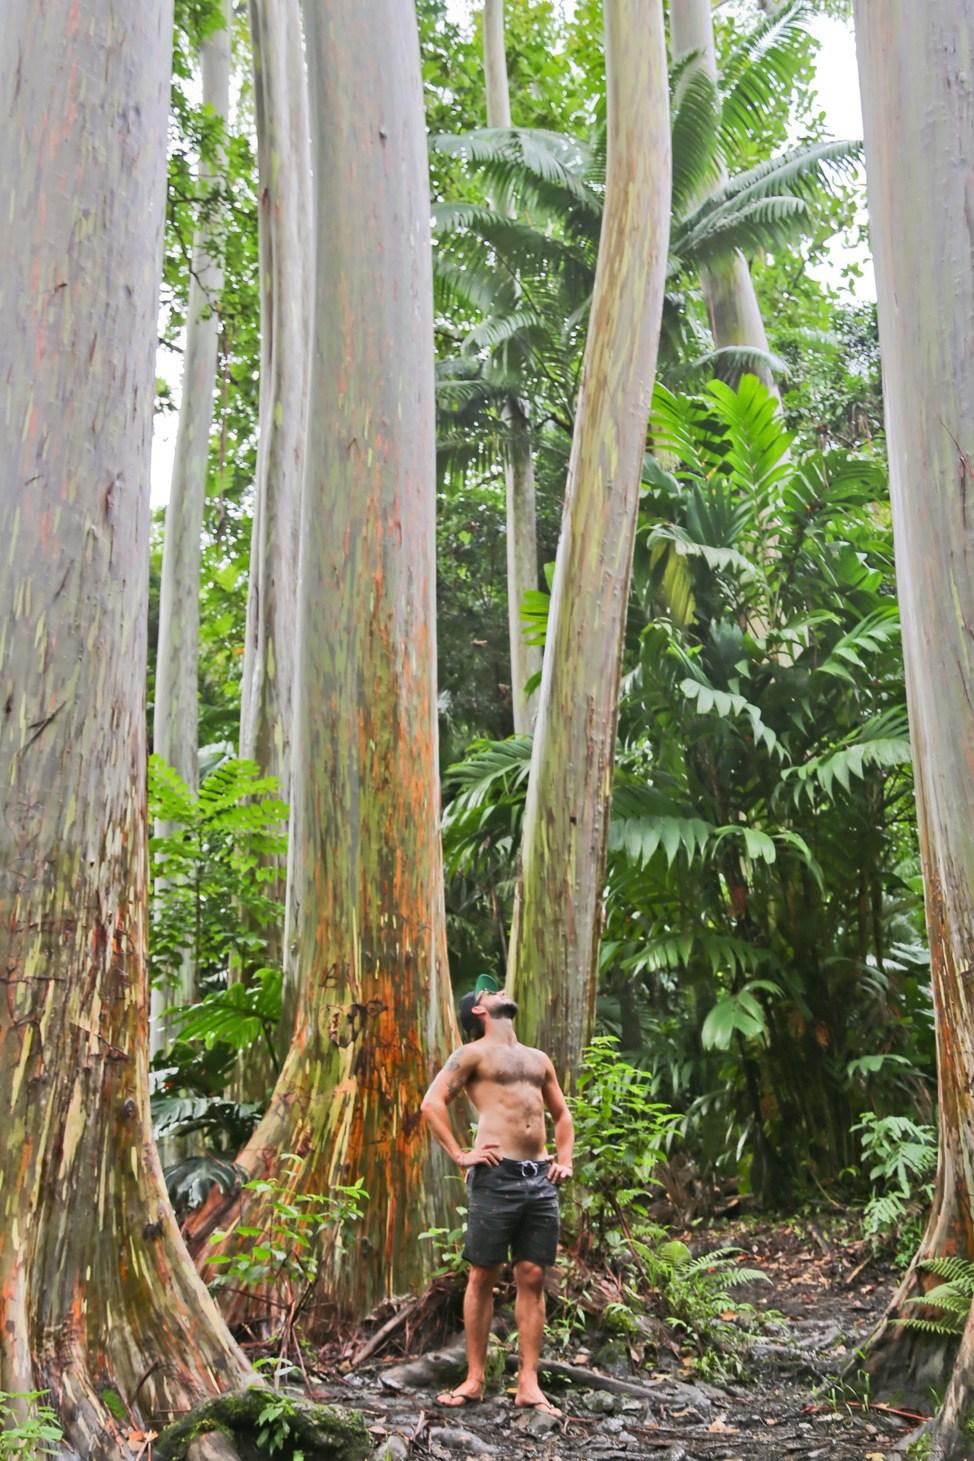 Ke'anae Arboretum, Road to Hana, Maui